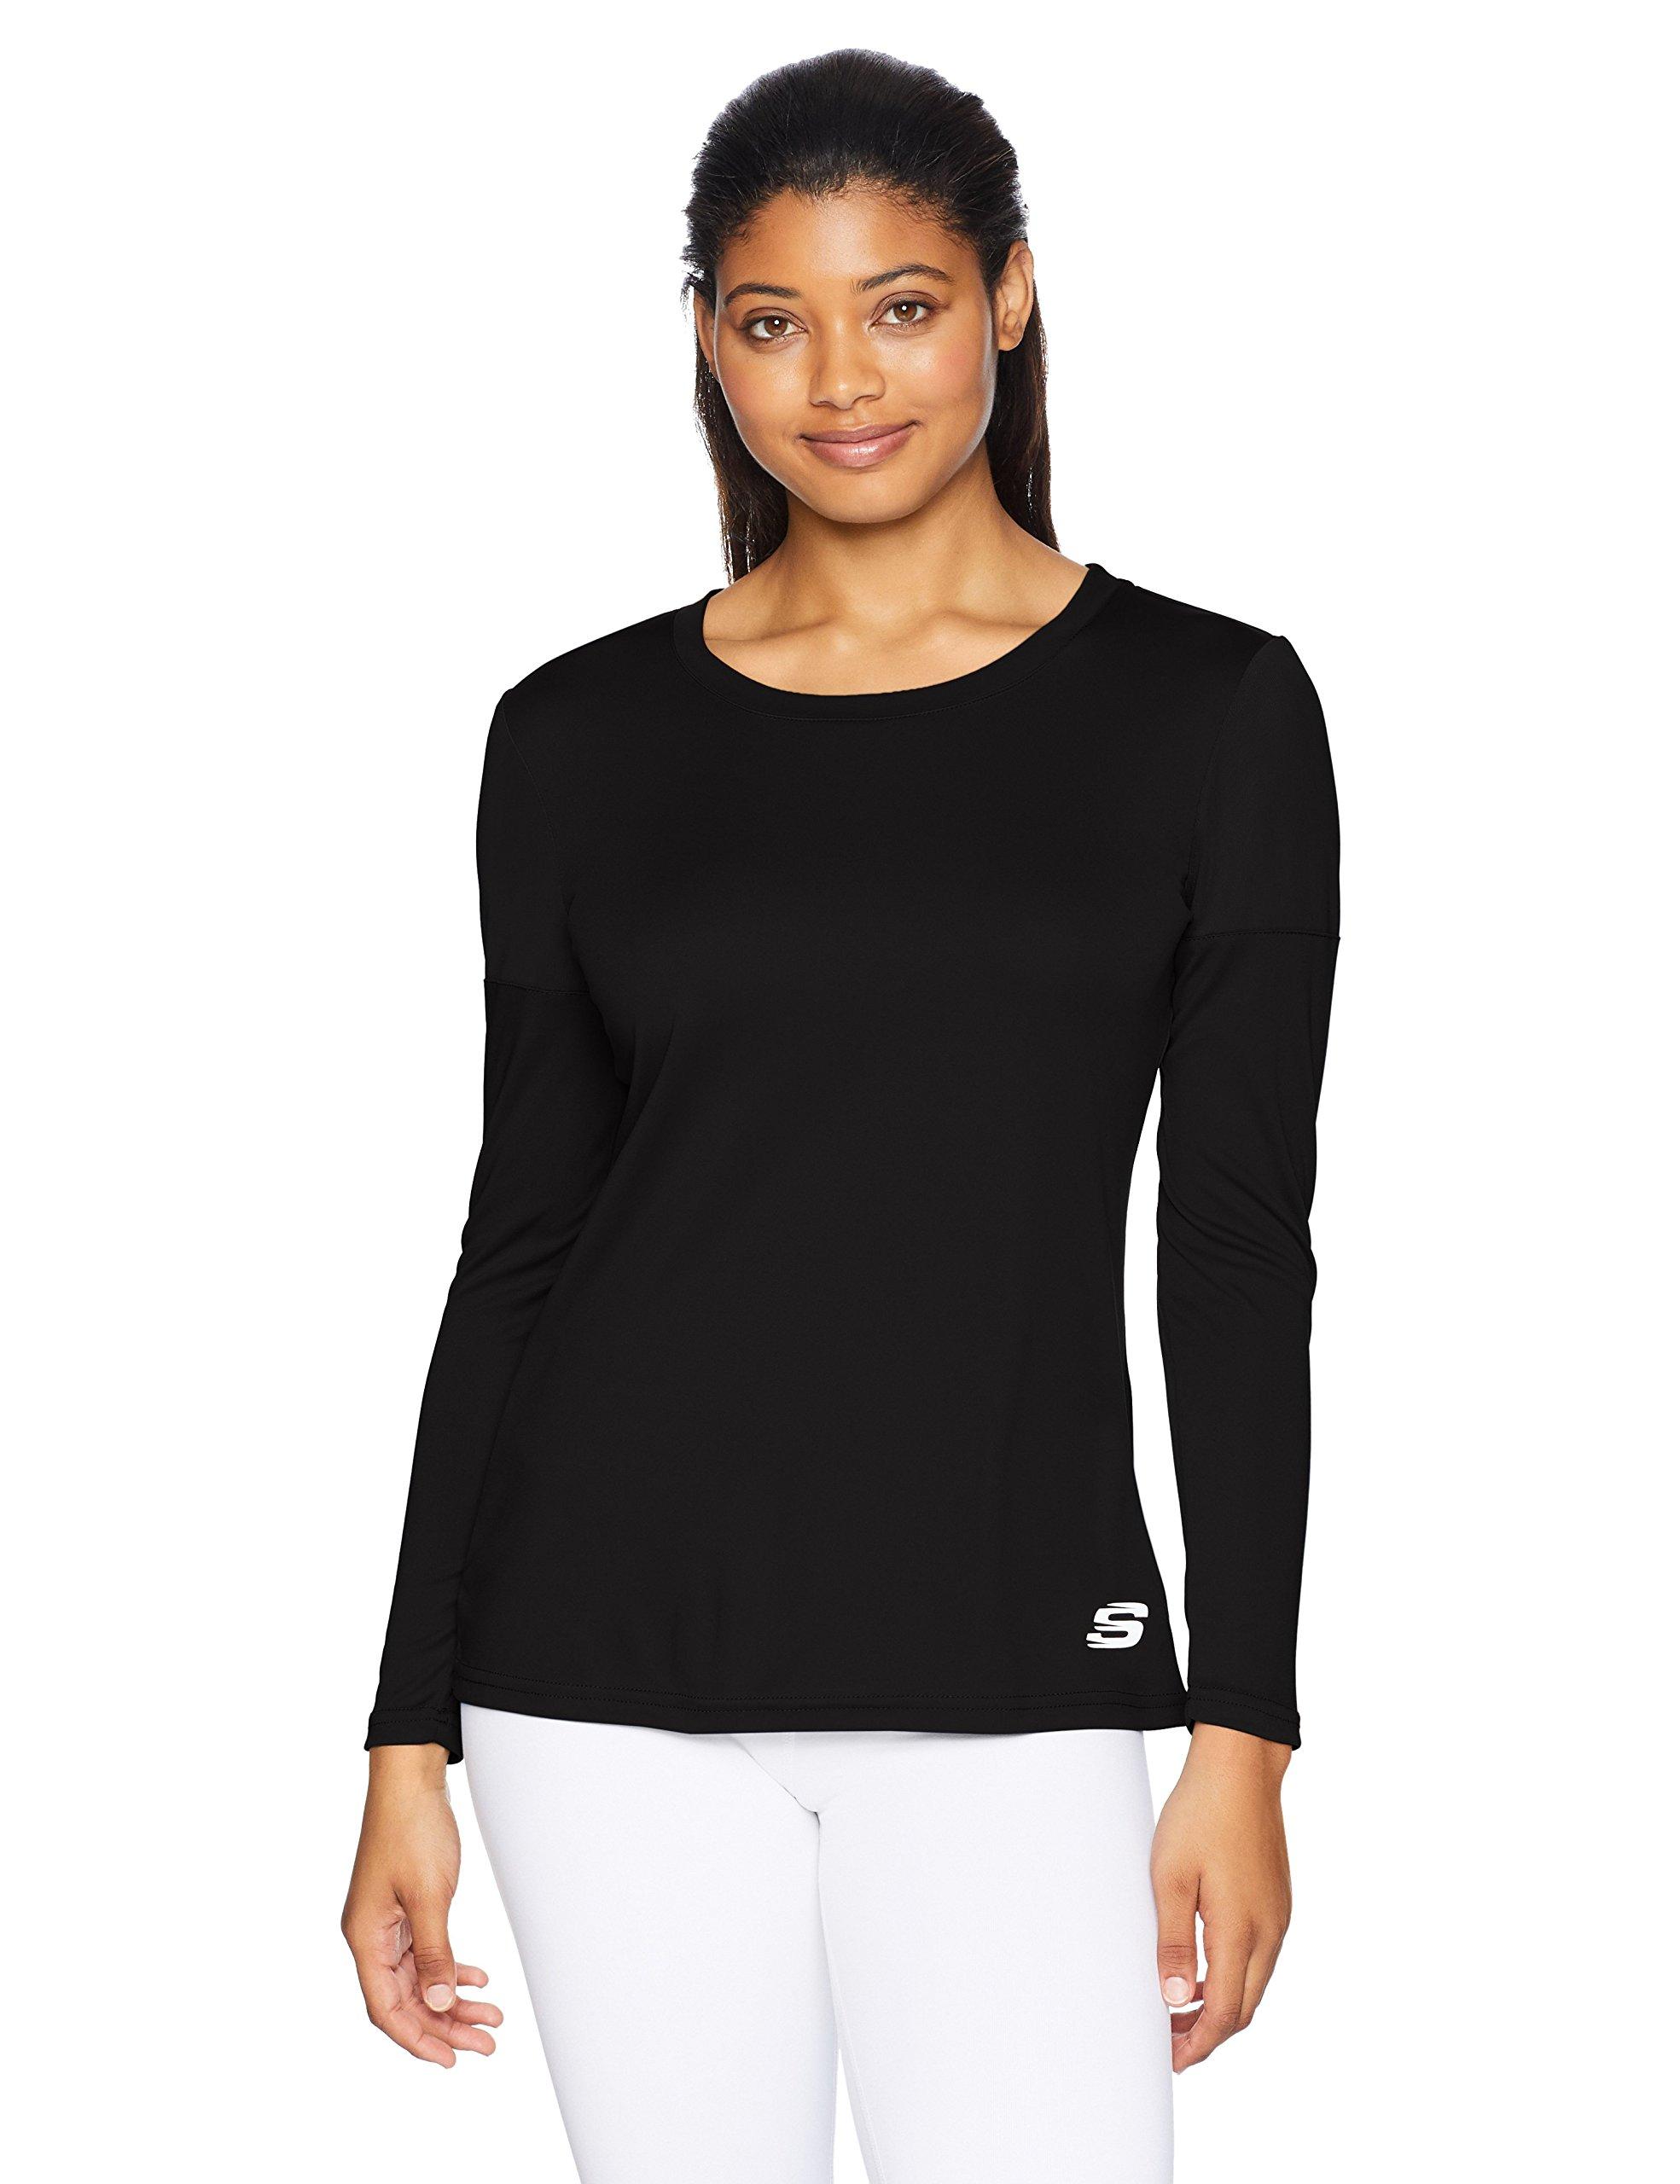 Skechers Active Women's Mesh Pannel Long Sleeve Top, Black, XXL